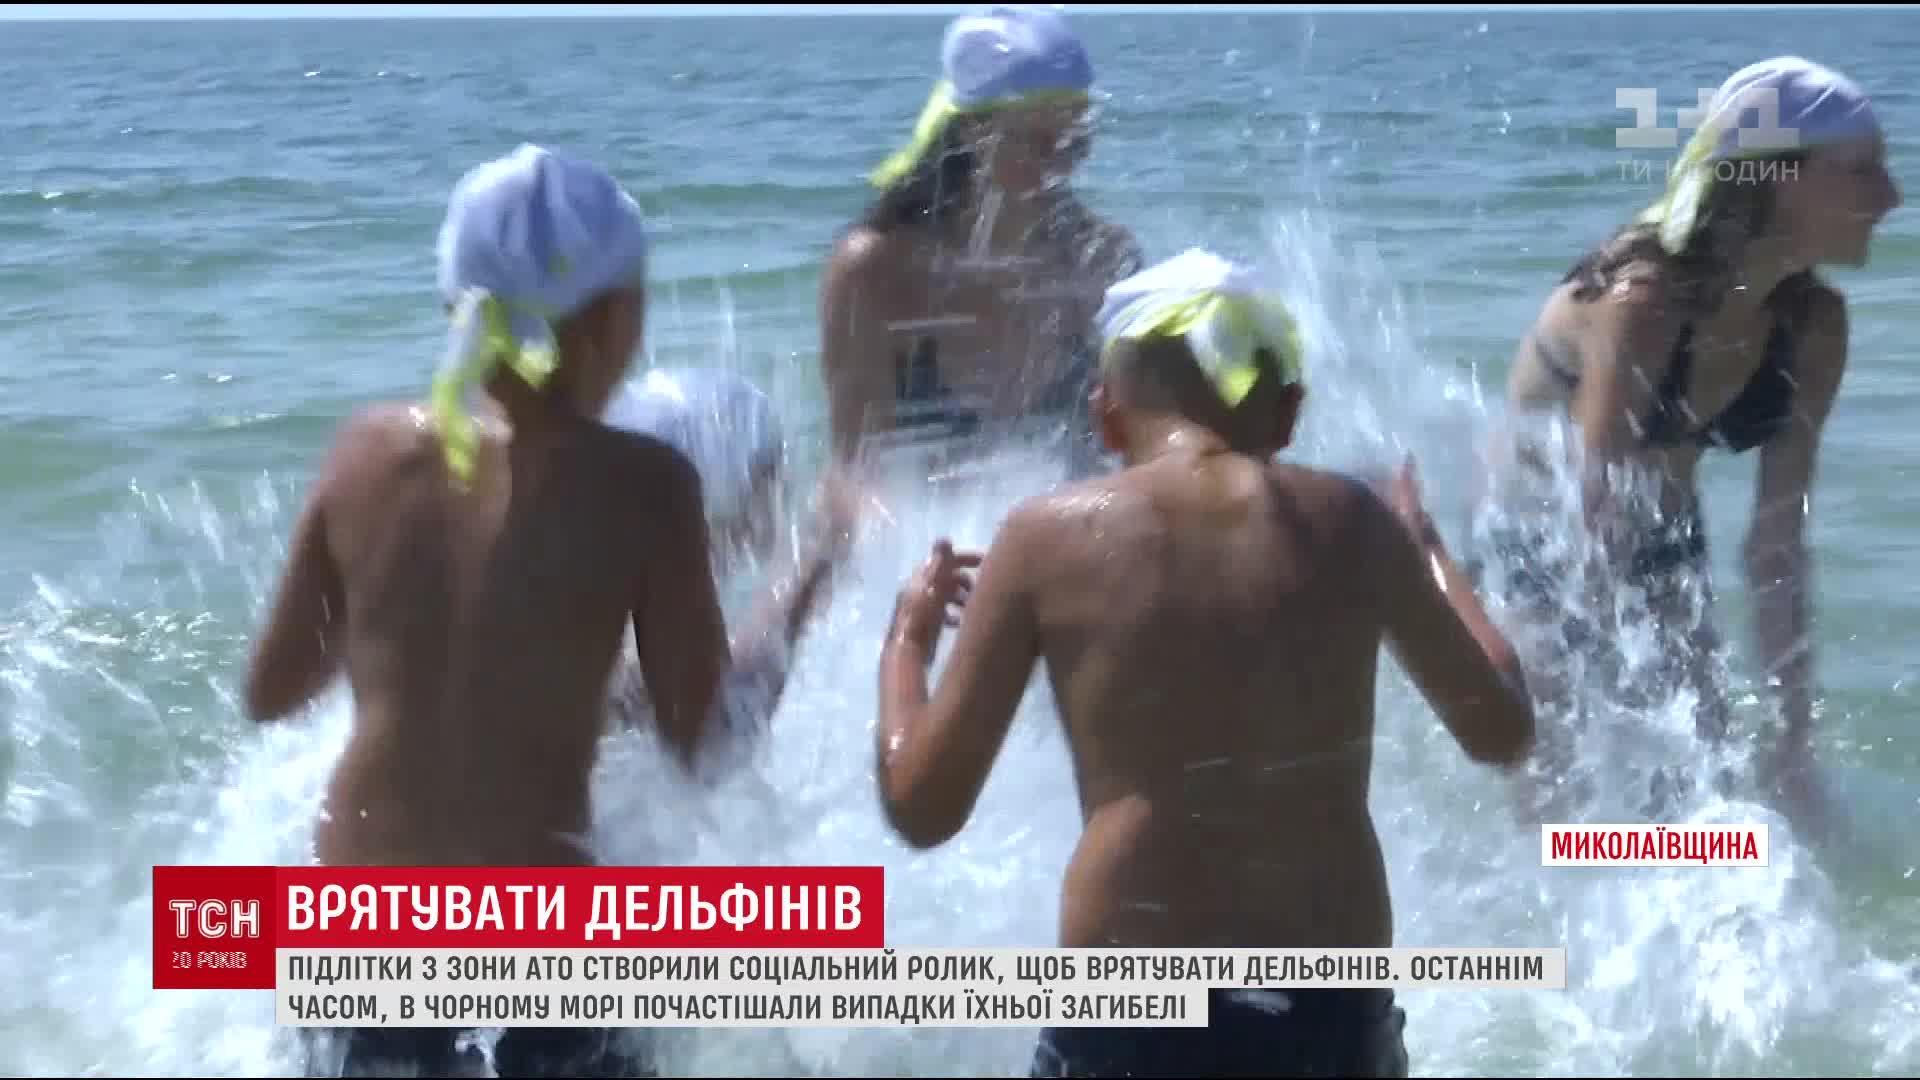 Підлітки з Донбасу виступили на підтримку дельфінів / скріншот УНІАН